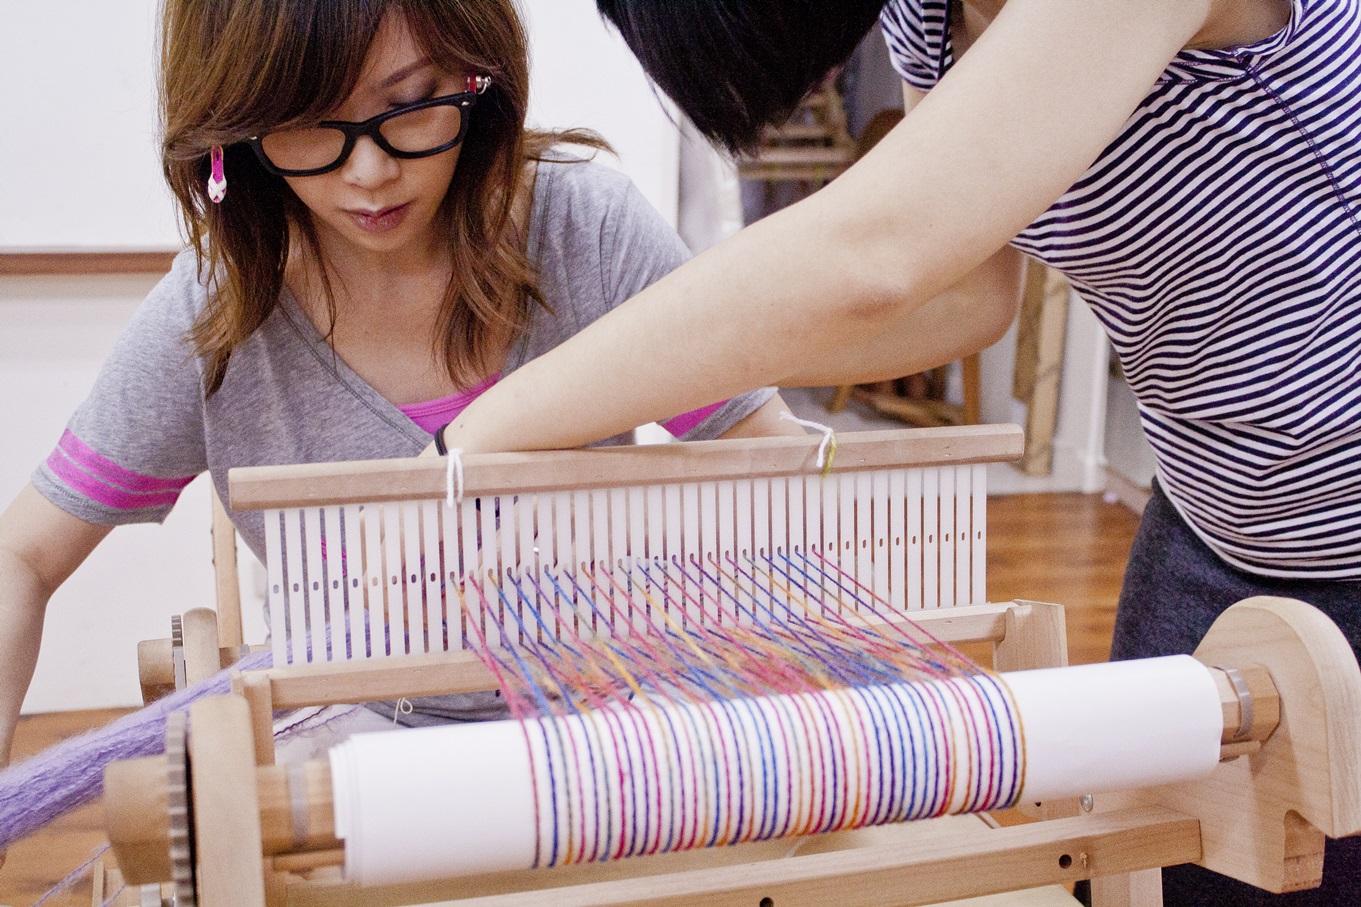 手織課程讓我一日變織女